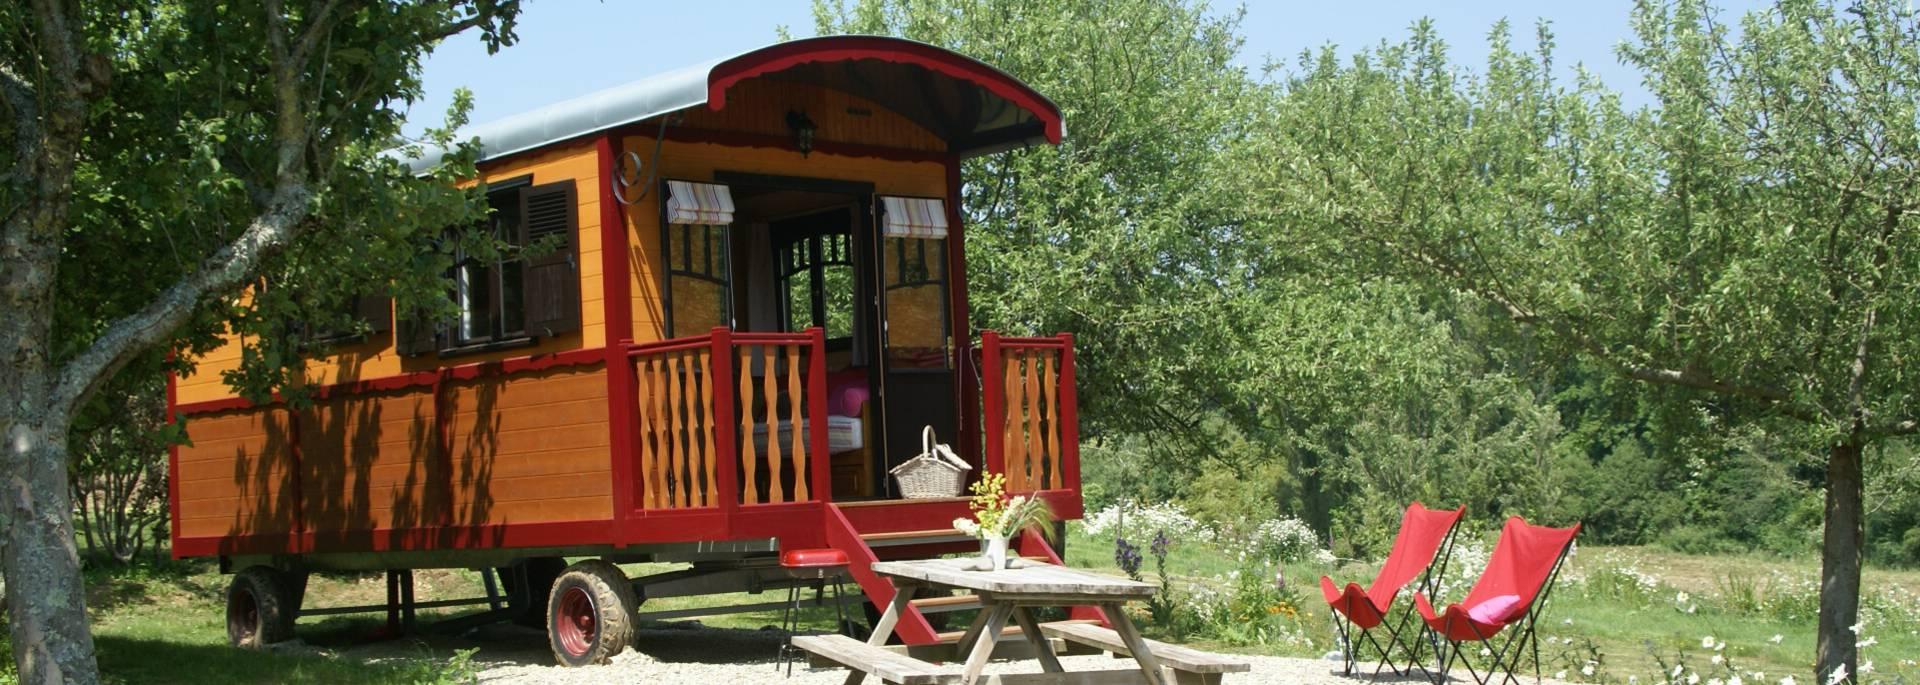 Séjour en roulotte - Le Bonheur Côté Pré à Plonéour-Lanvern